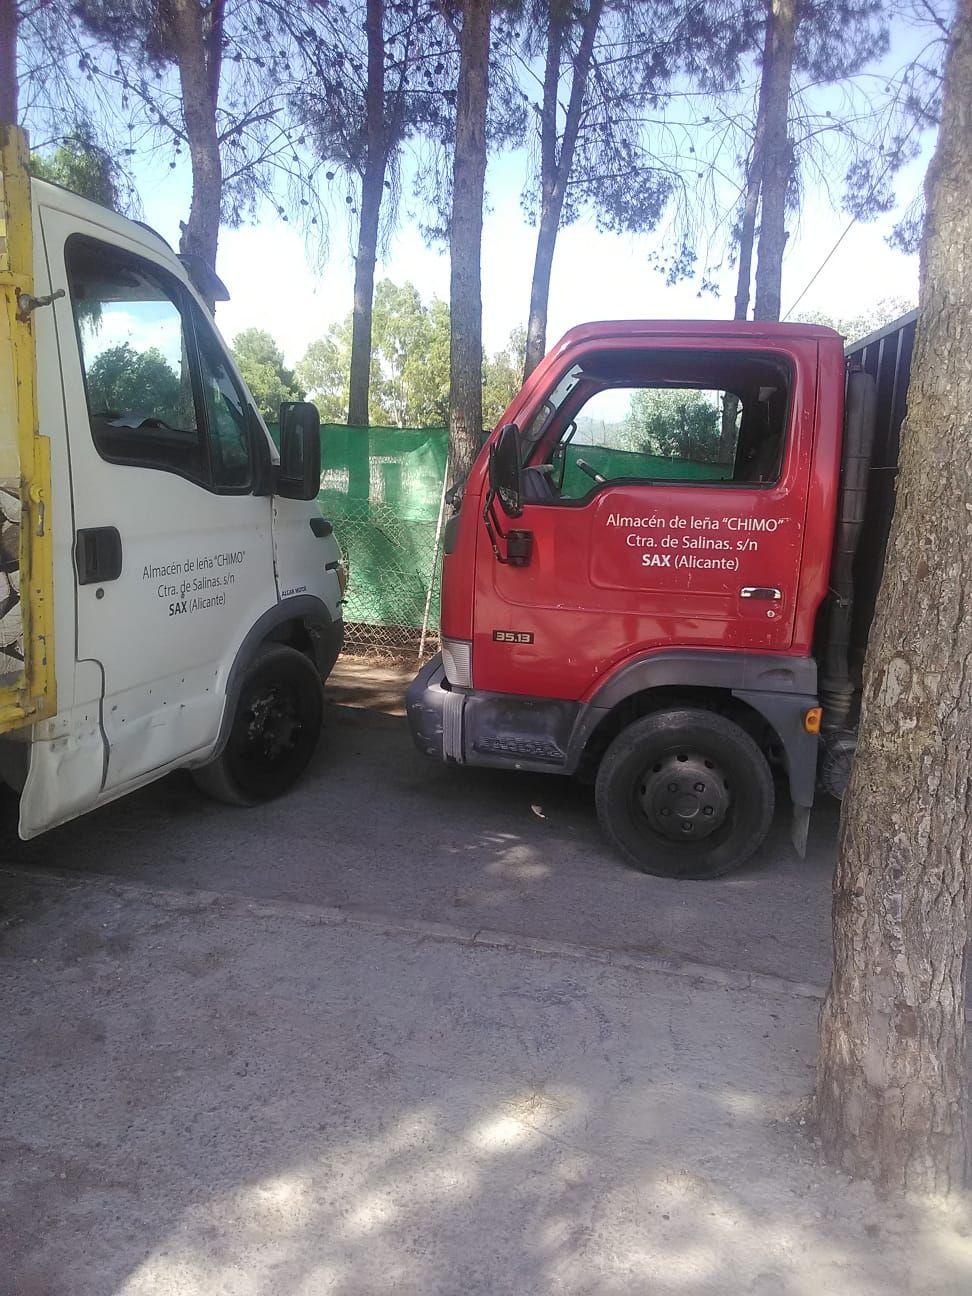 Venta de leña para particulares en Alicante